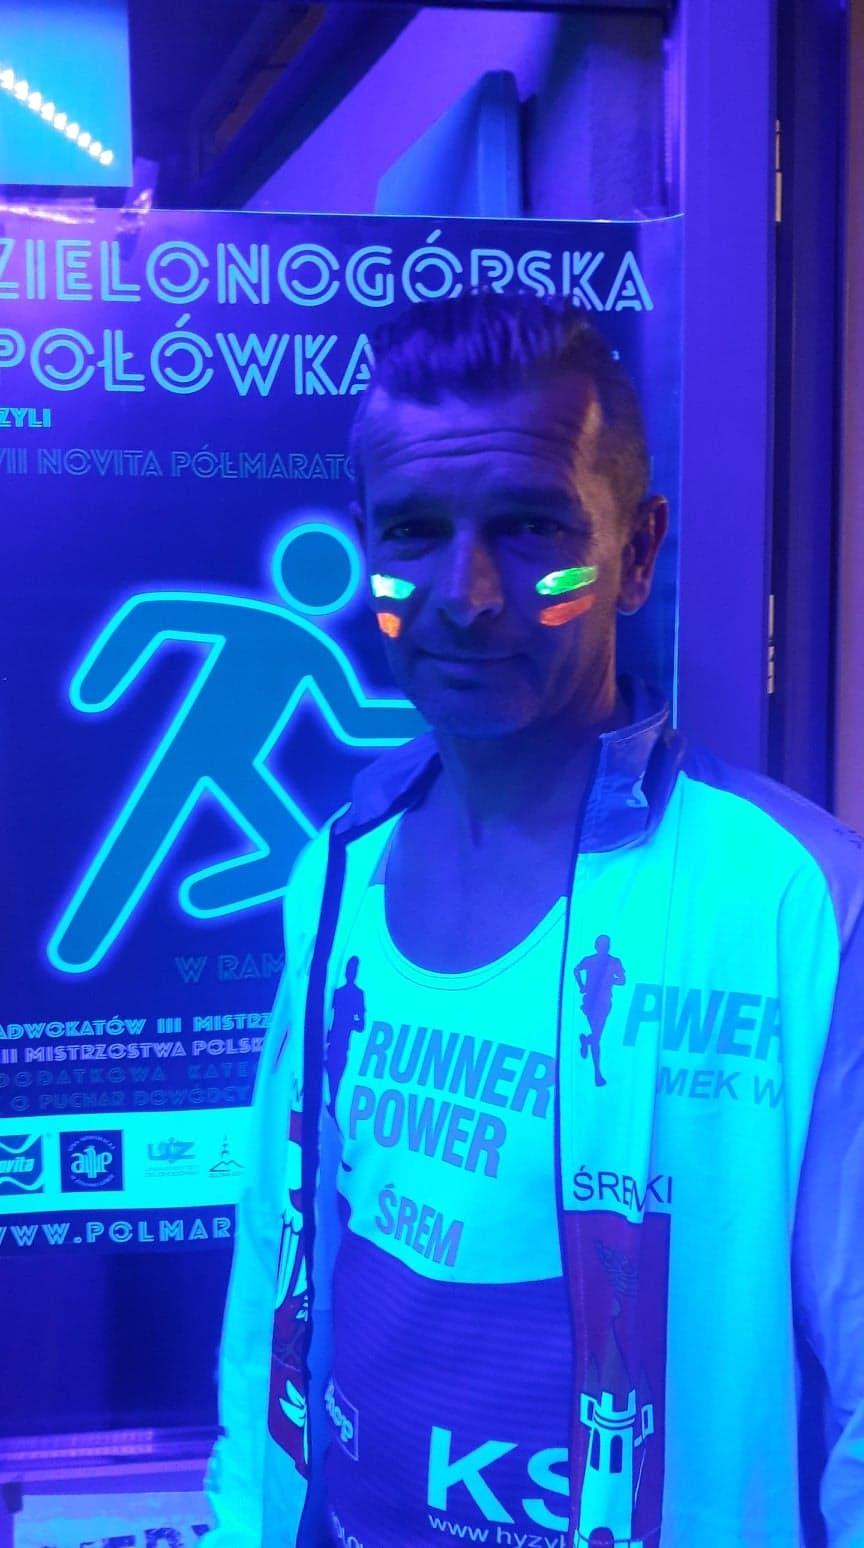 Tomek Wróblewski